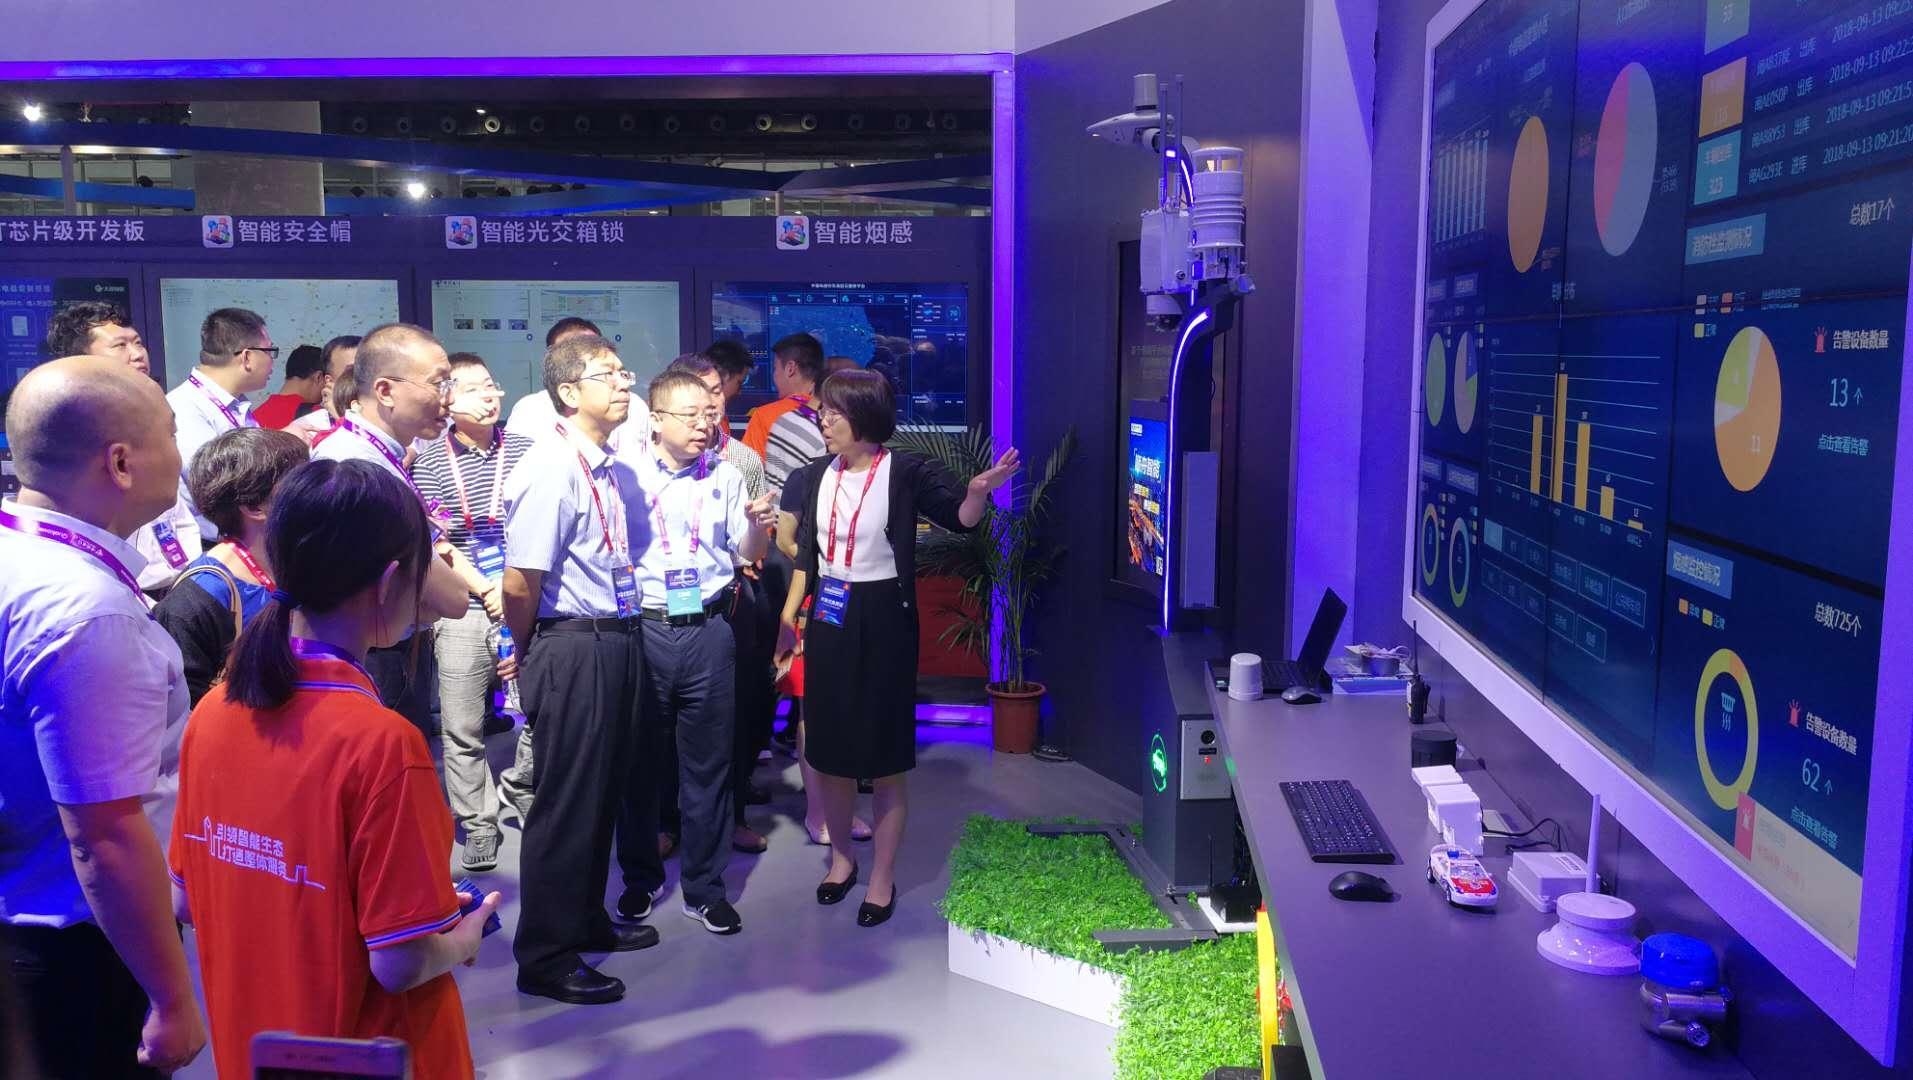 携手中国电信,顺舟智能参展天翼智能生态博览会